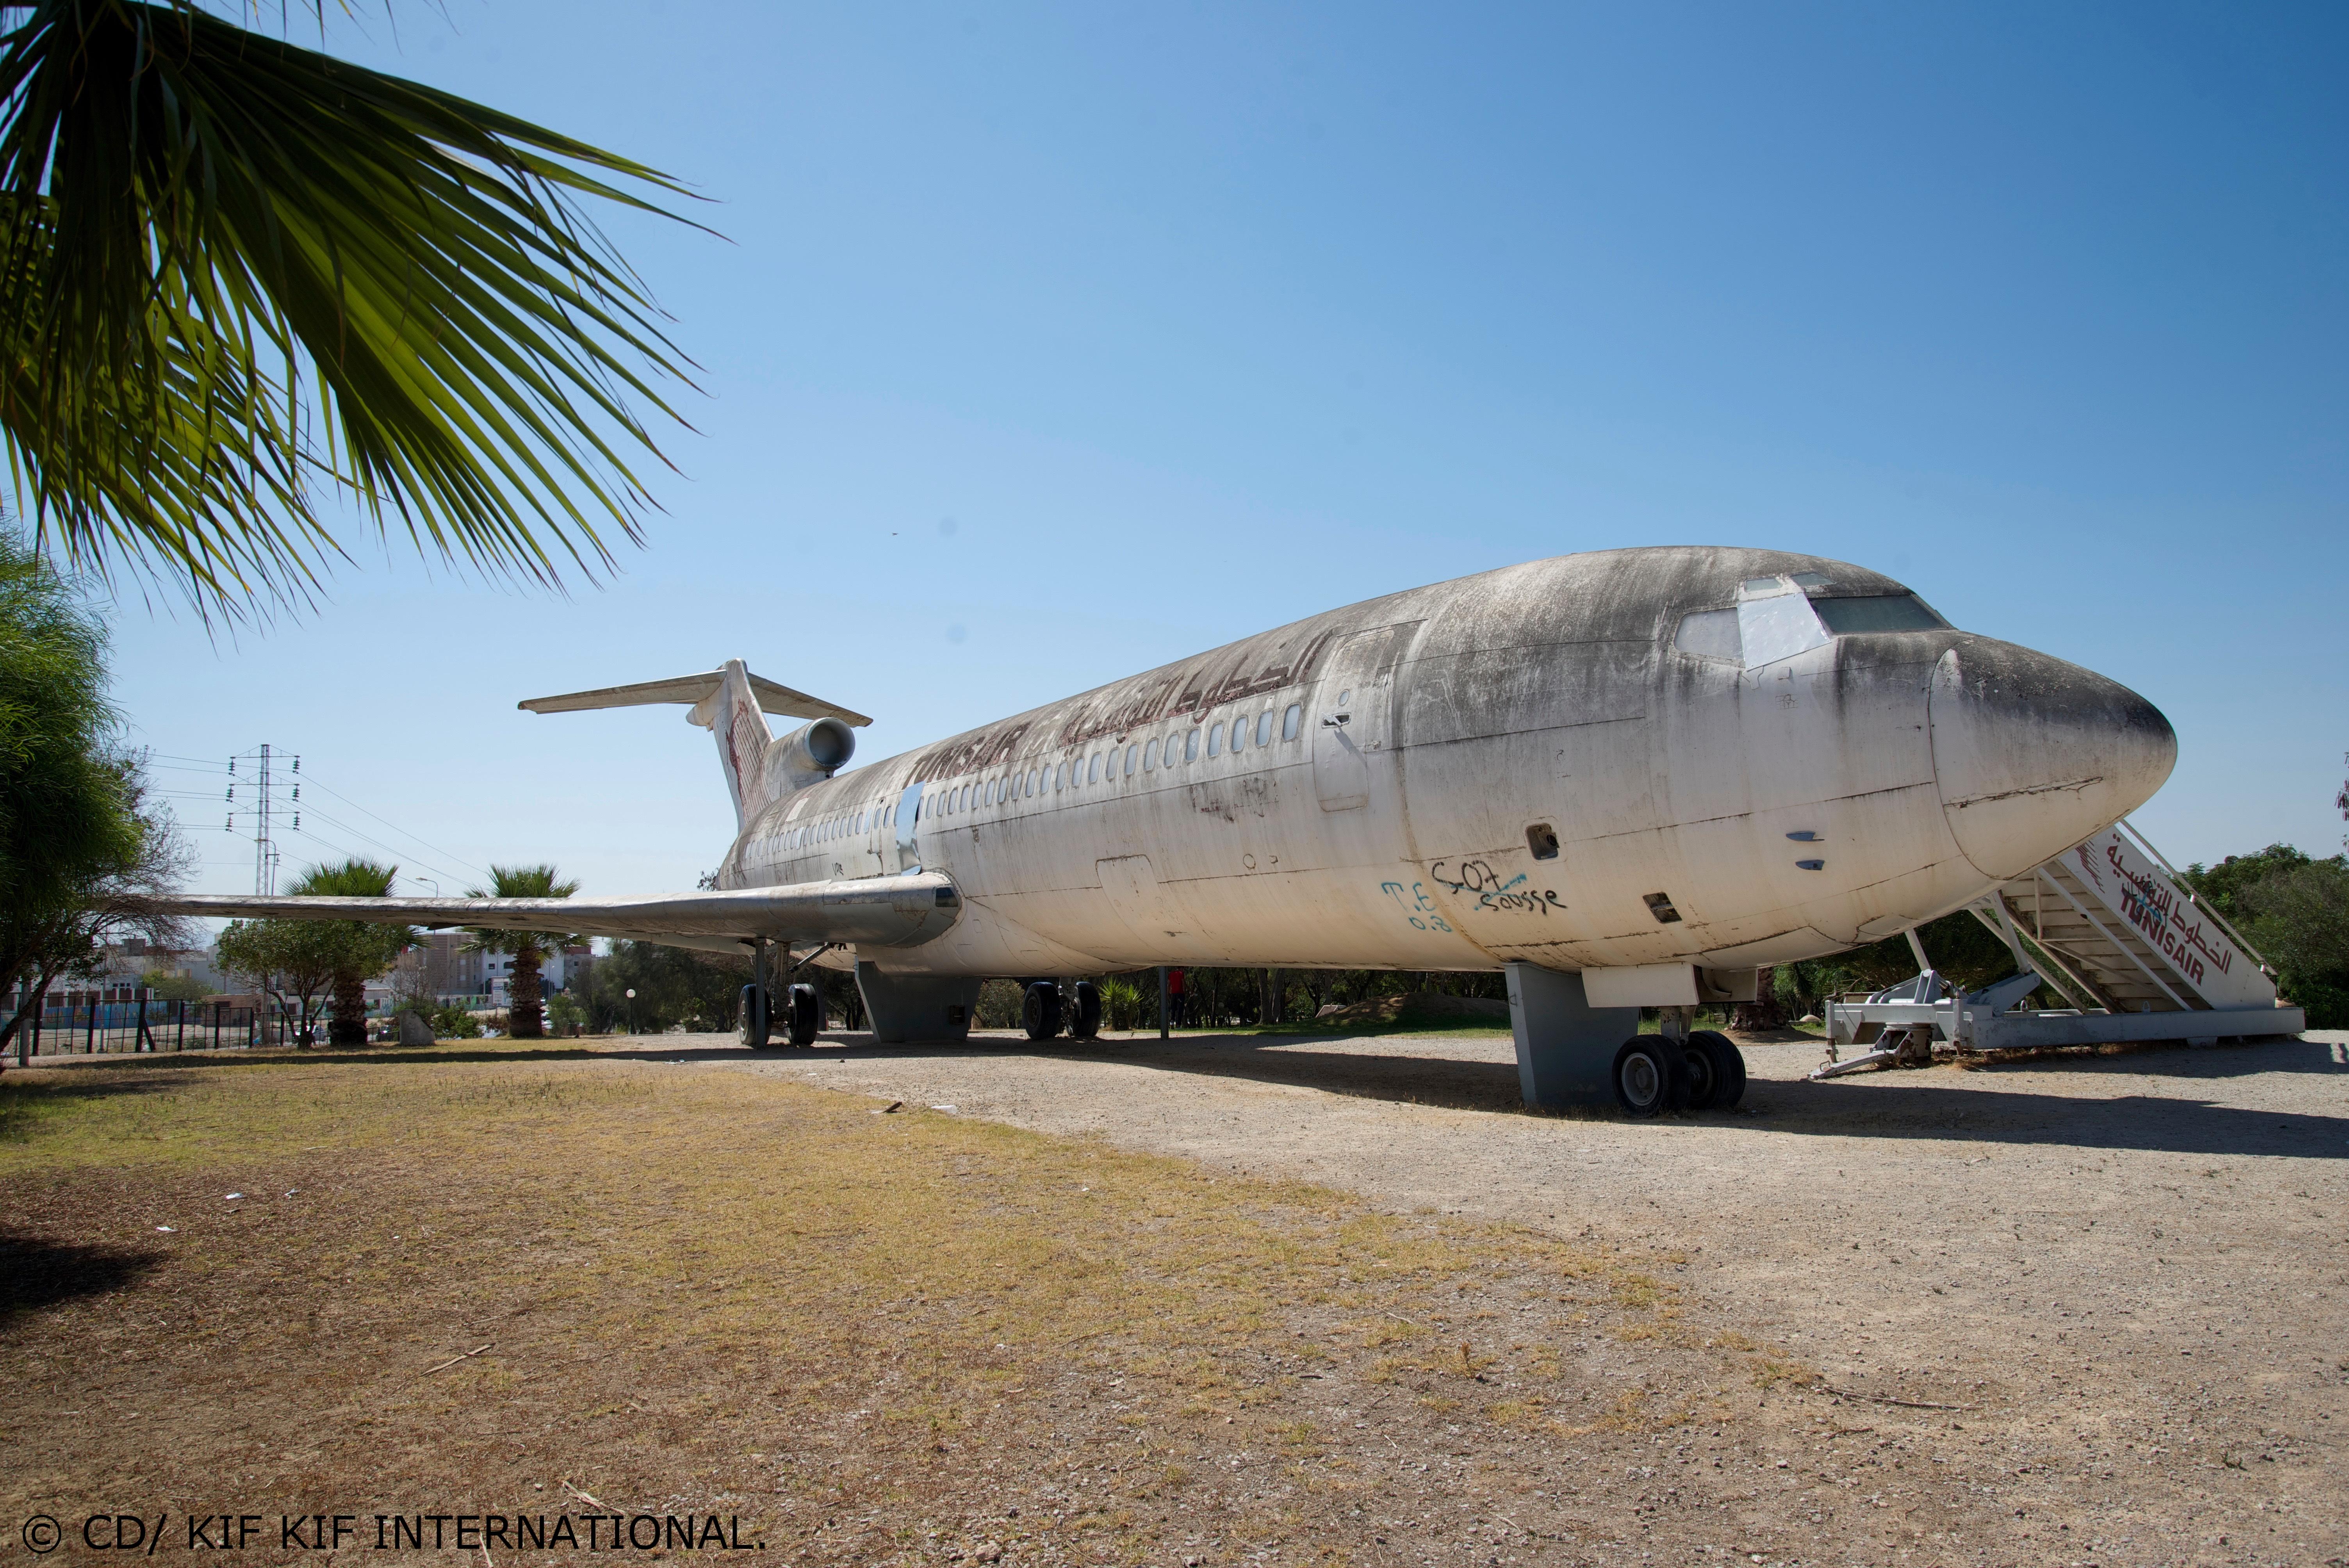 Métamorphose stylée d'un Boeing 727 à Tunis